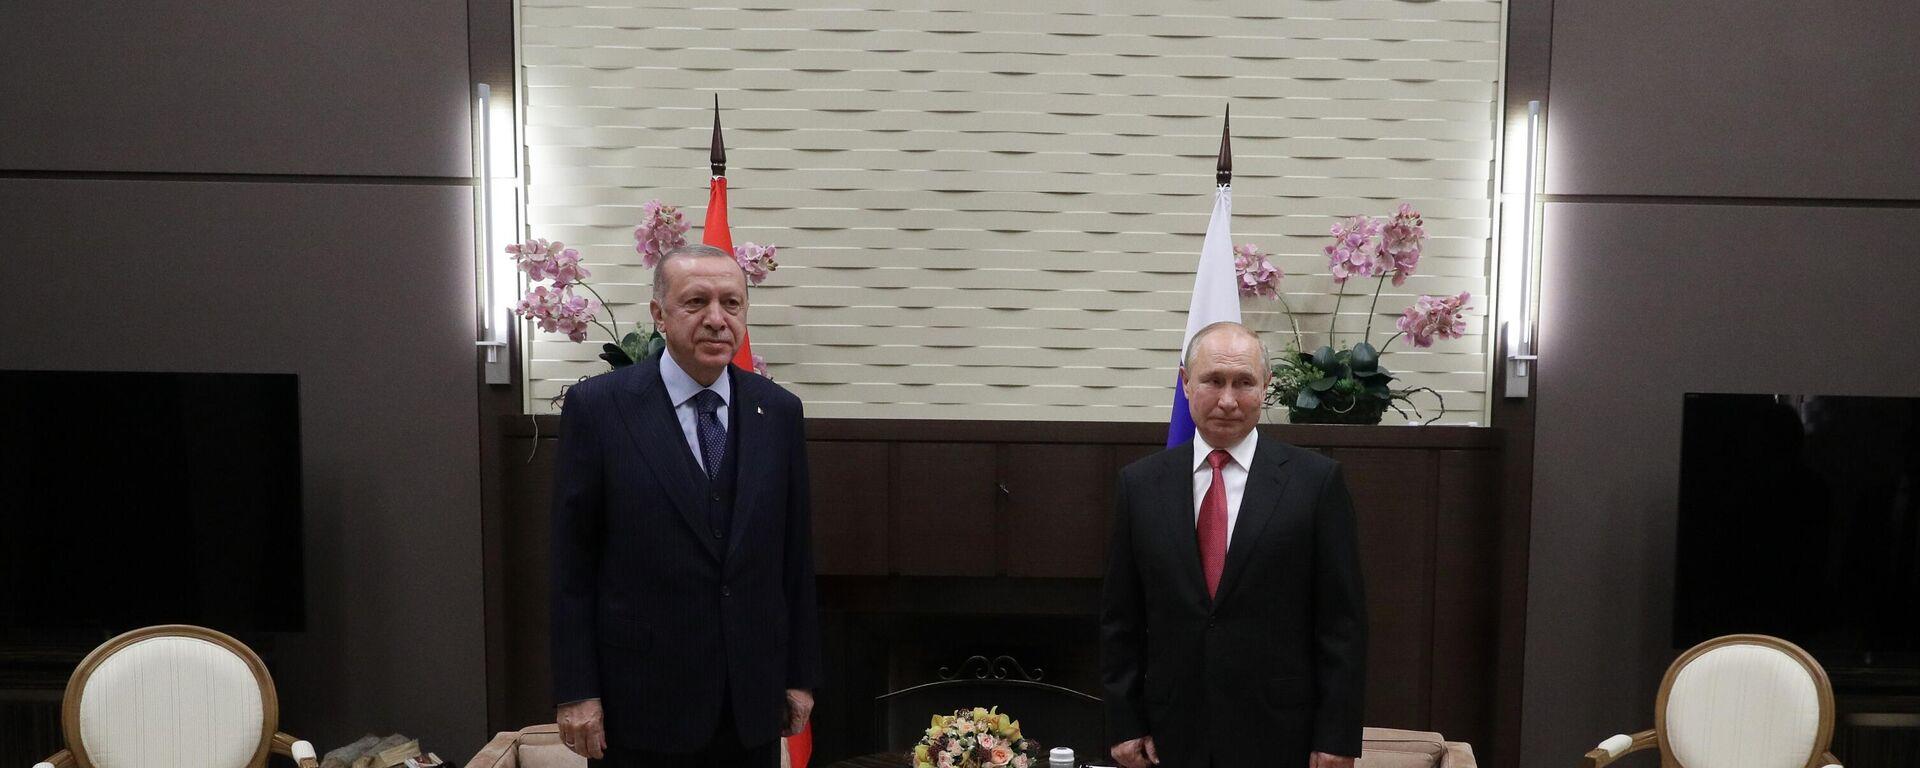 Председници Русије и Турске, Владимир Путин и Реџеп Тајип Ердоган - Sputnik Србија, 1920, 30.09.2021